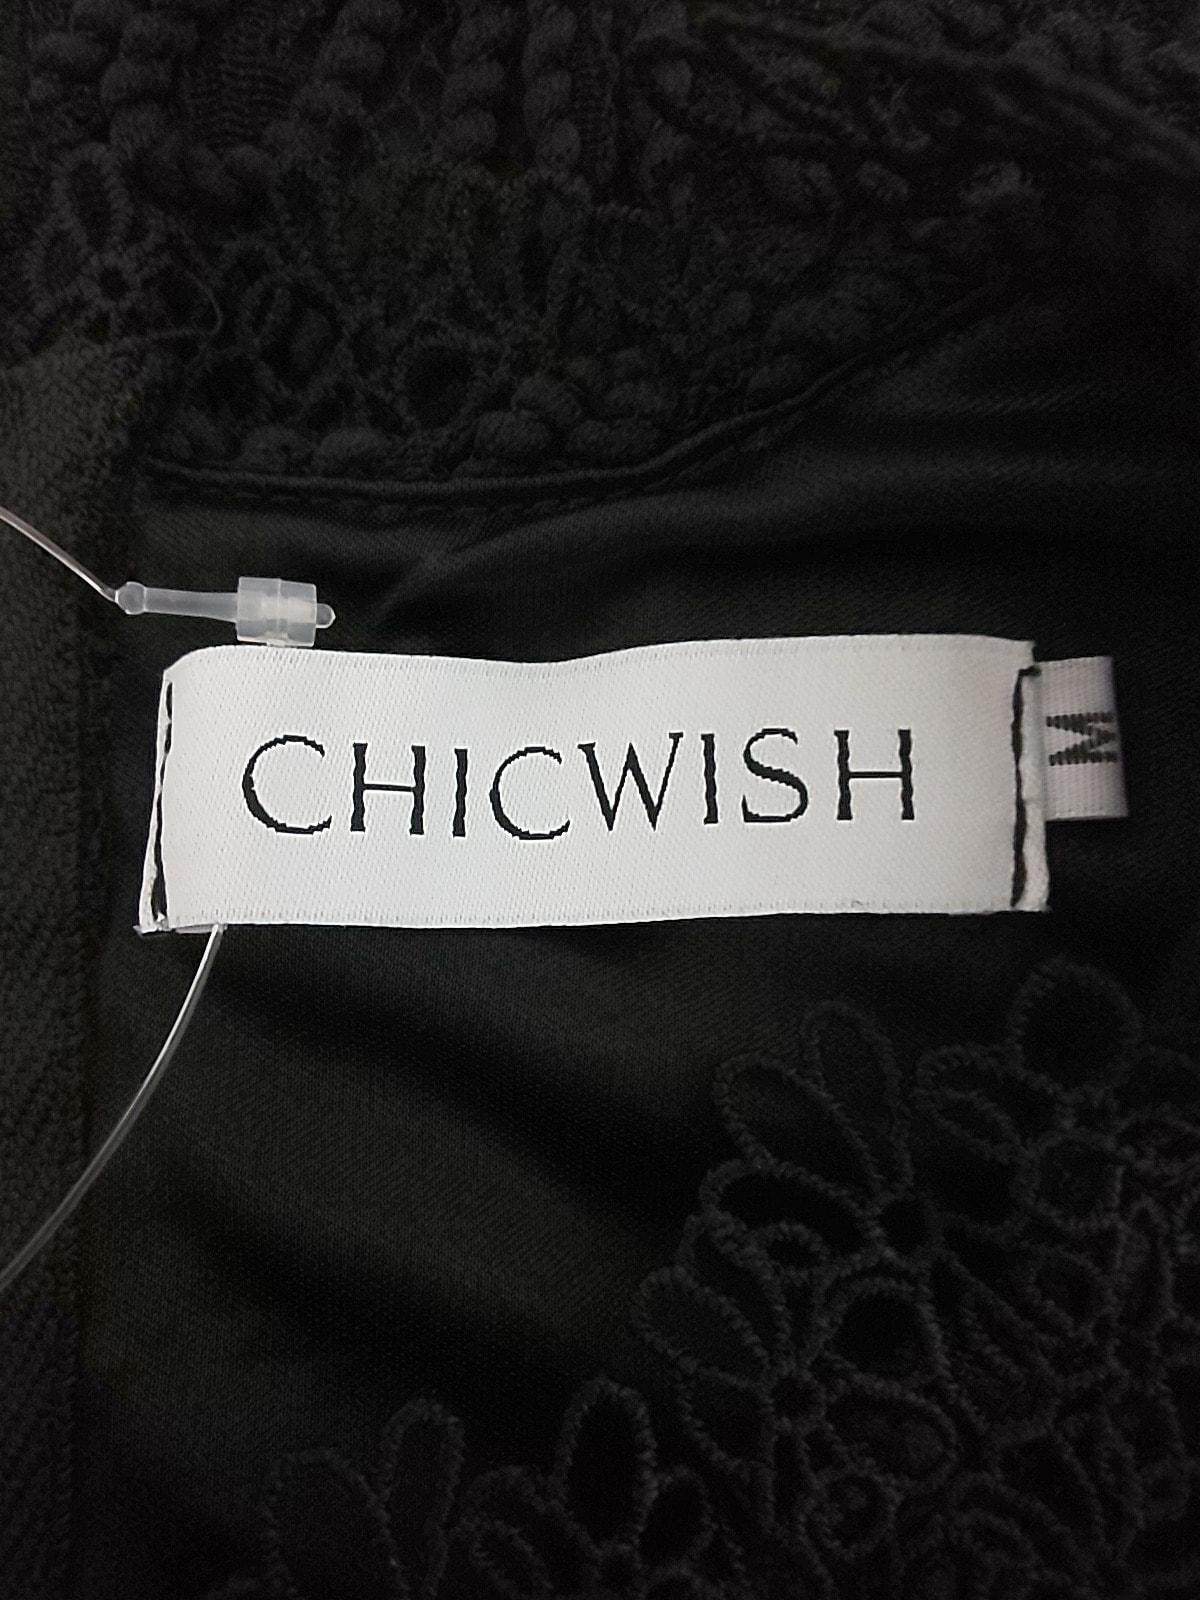 Chicwish(シックウィッシュ)のカットソー